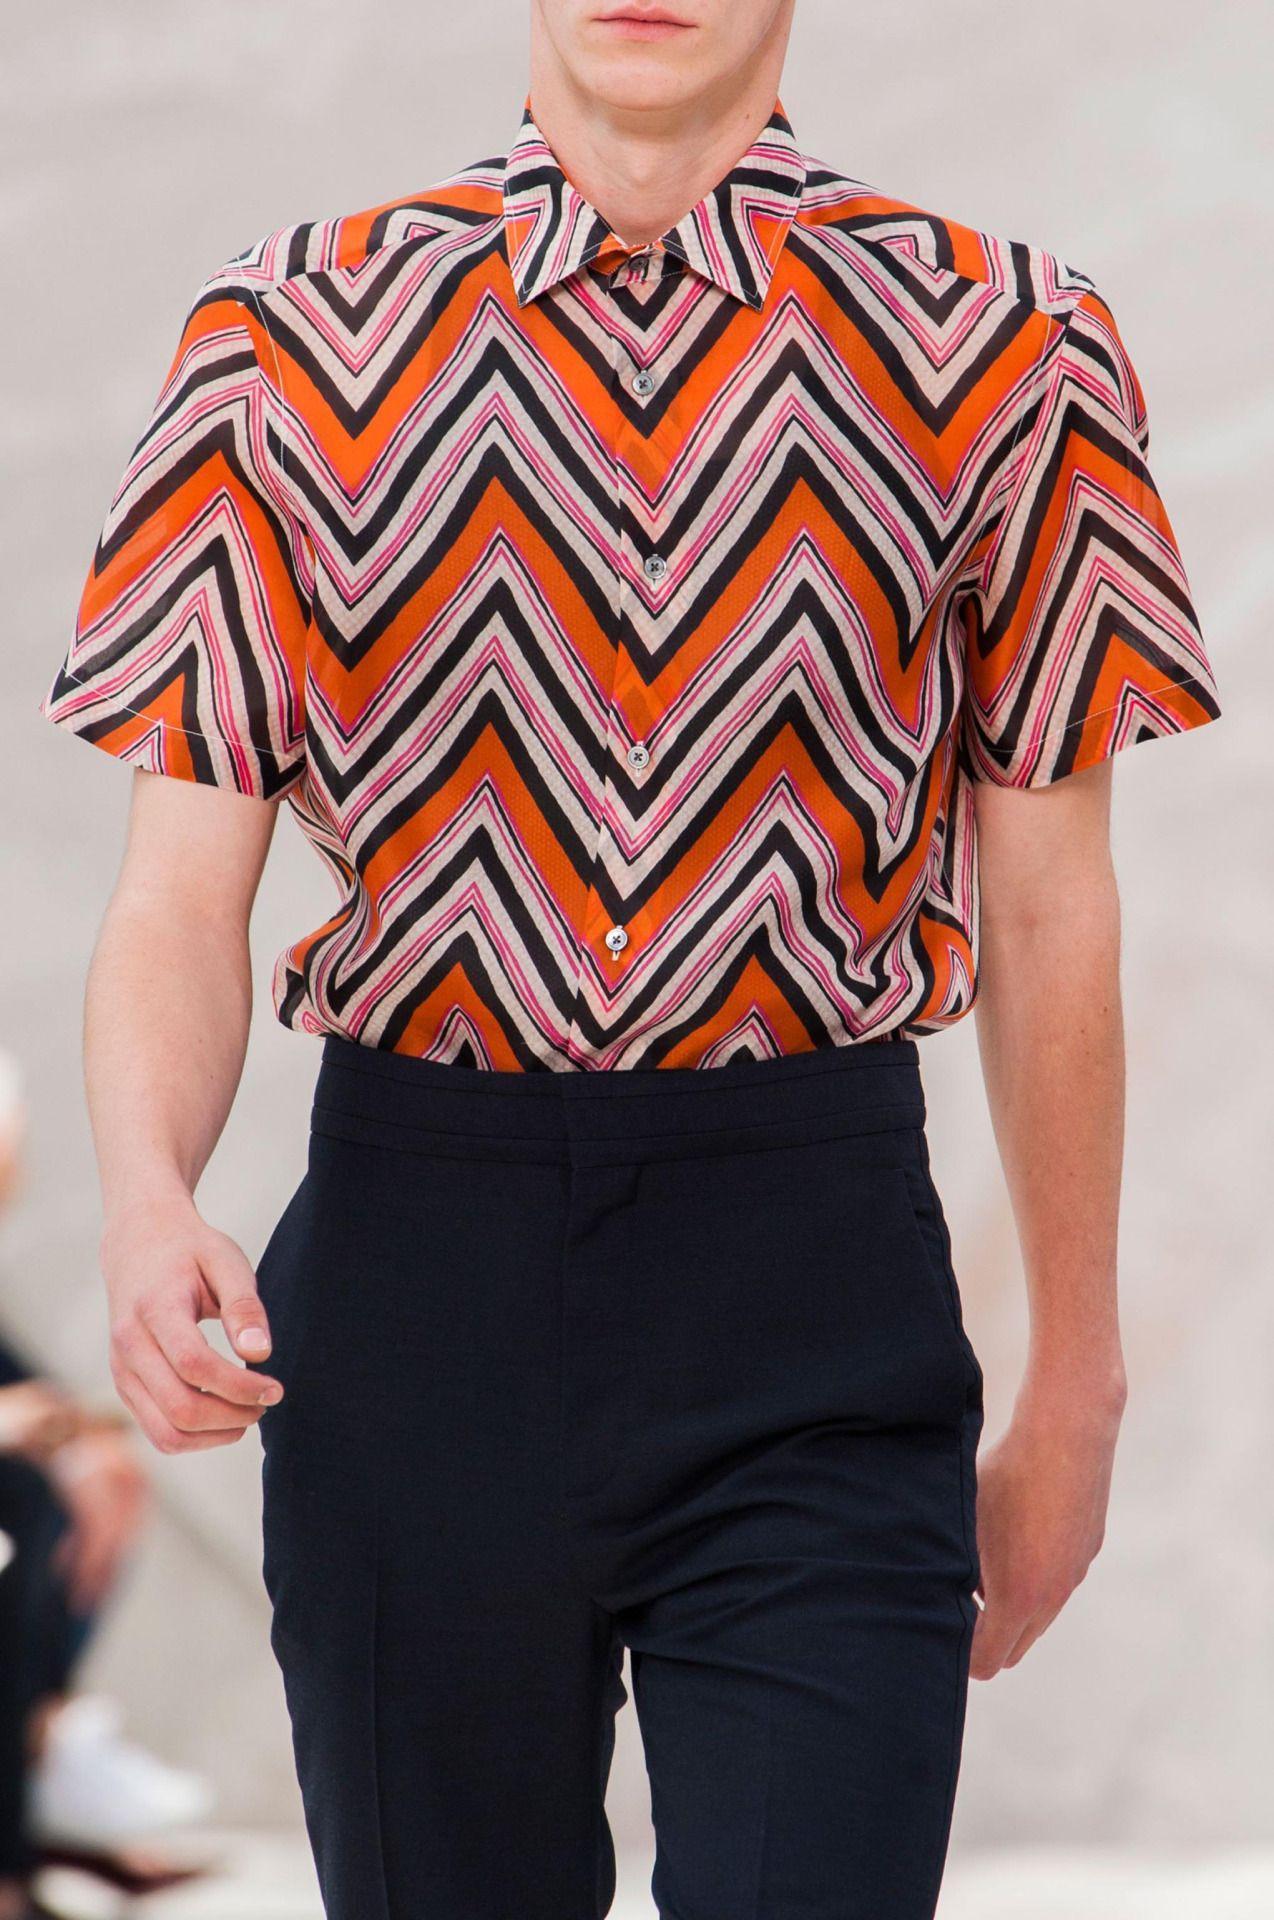 Louis Vuitton S/S 15 Menswear (Paris)